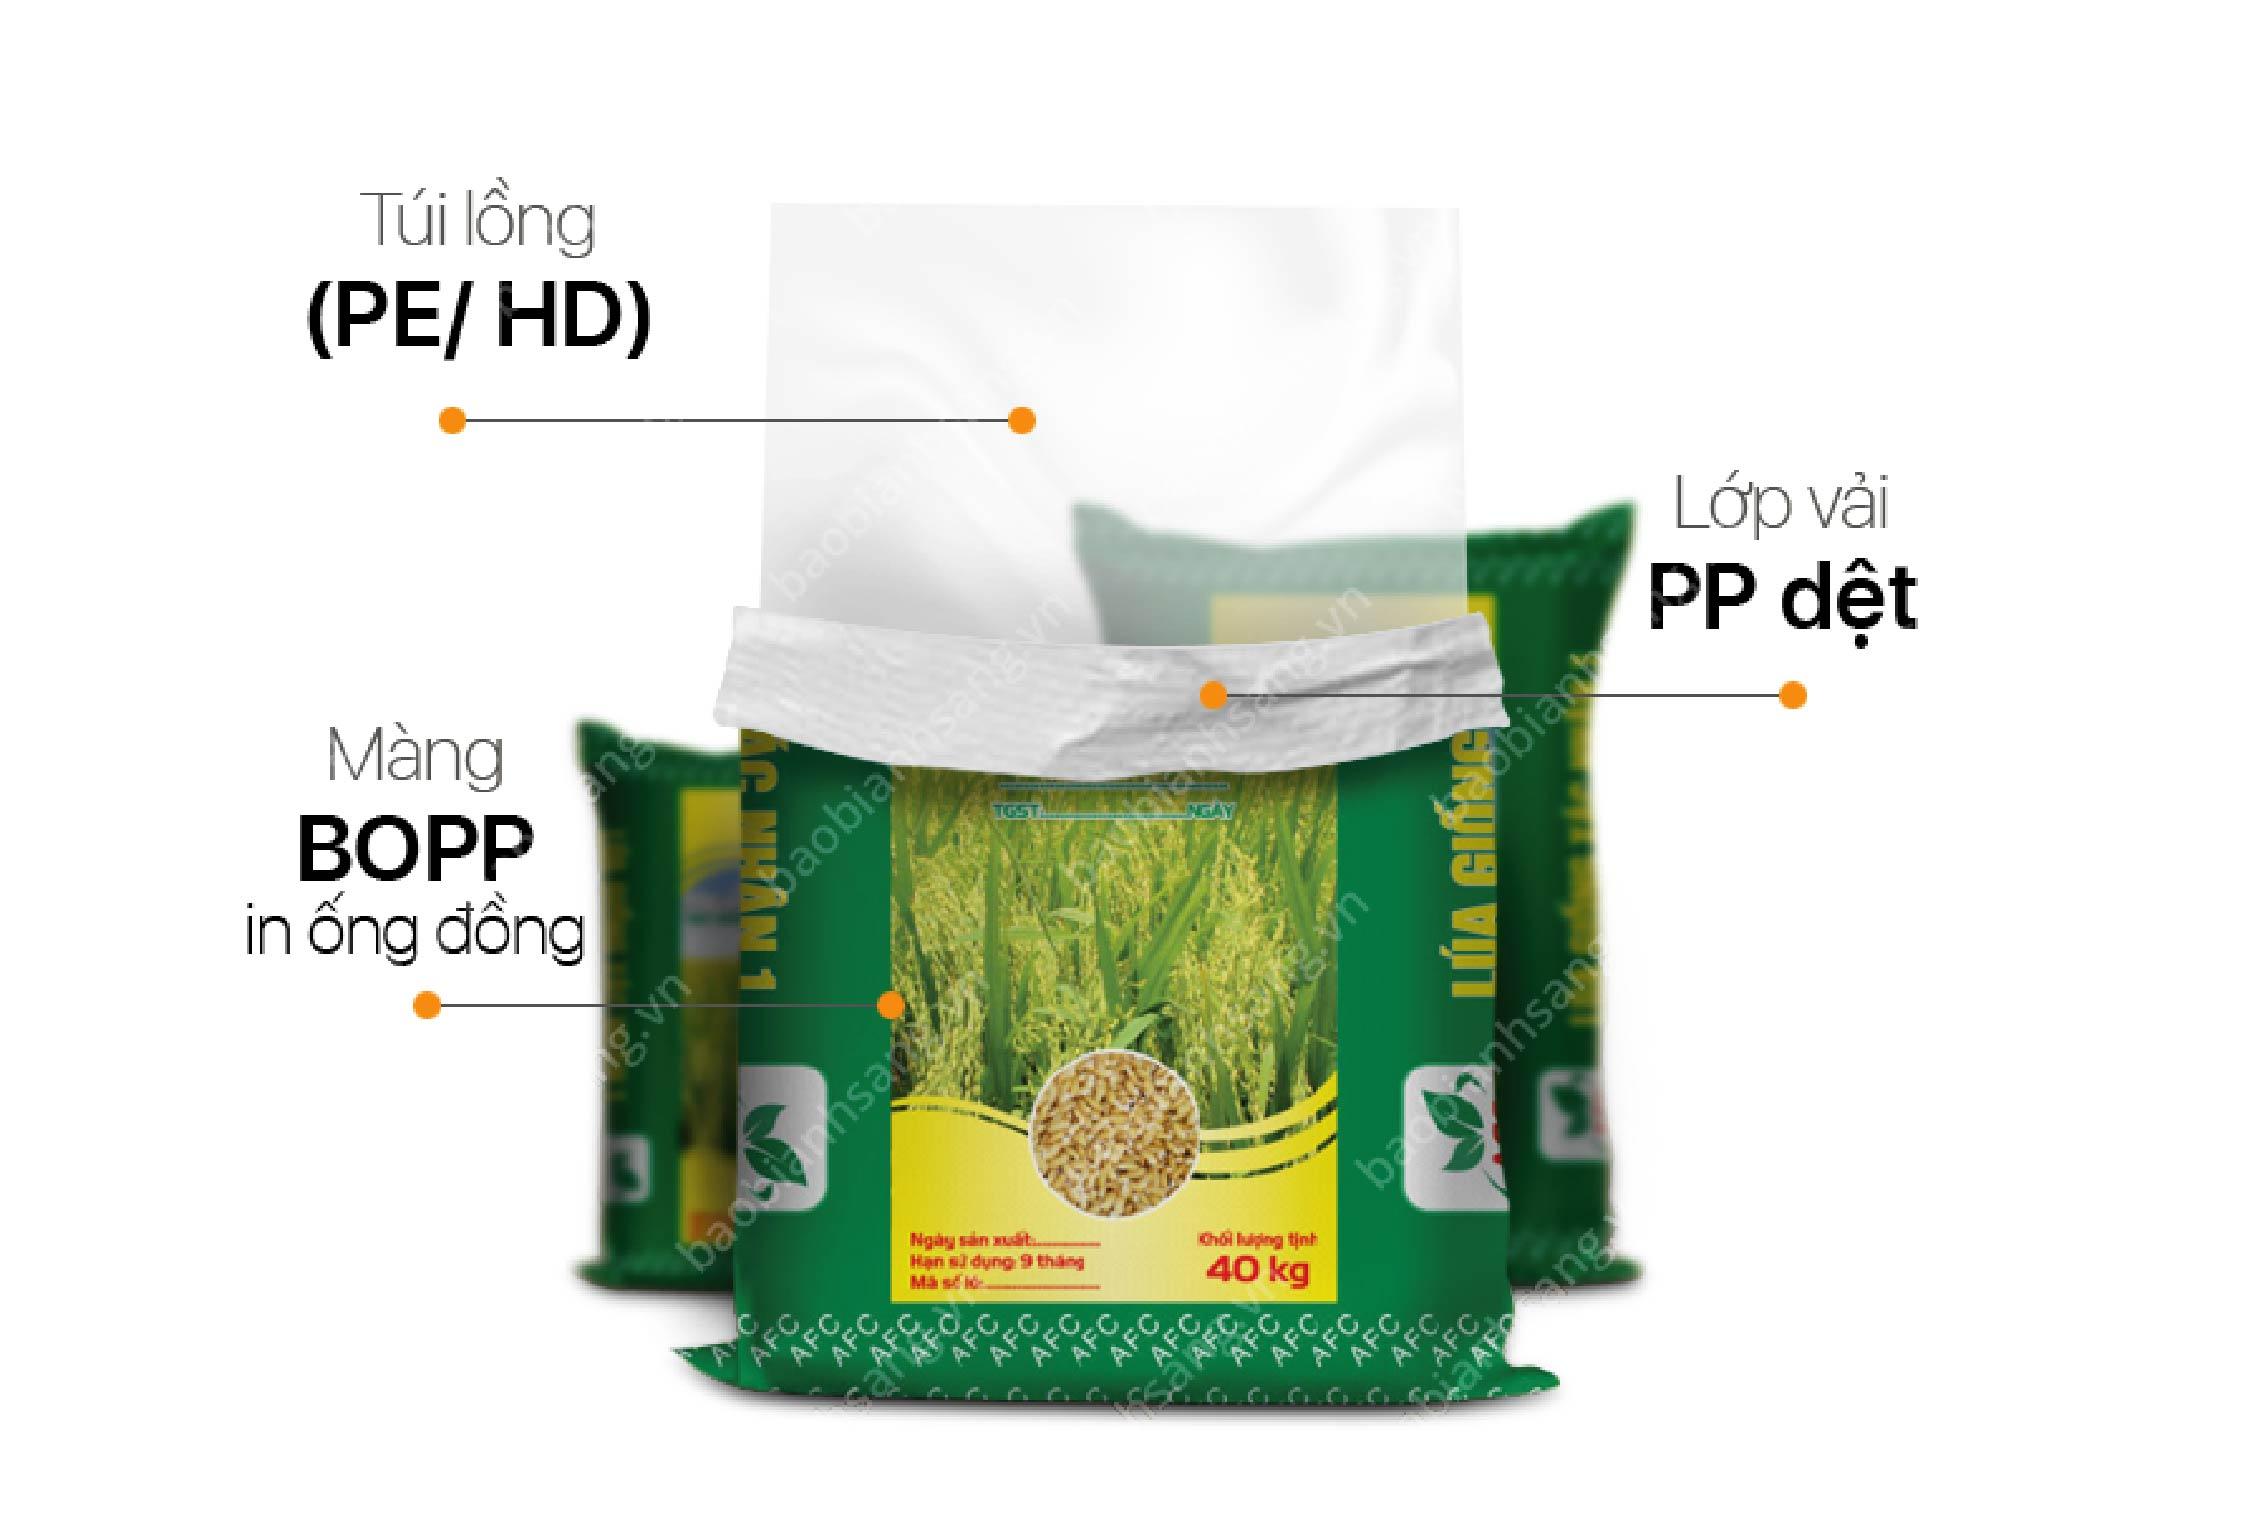 Cấu trúc bao bì nhựa BOPP in ống đồng - bao bì nhựa ngành thức ăn chăn nuôi